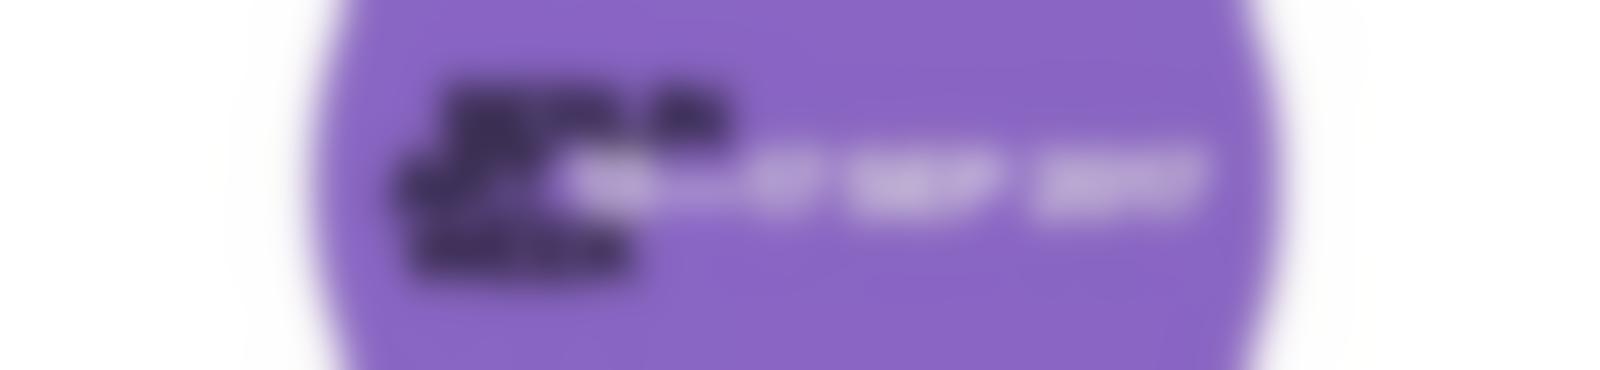 Blurred 7974b64b ed9c 4994 b920 08f635d94835